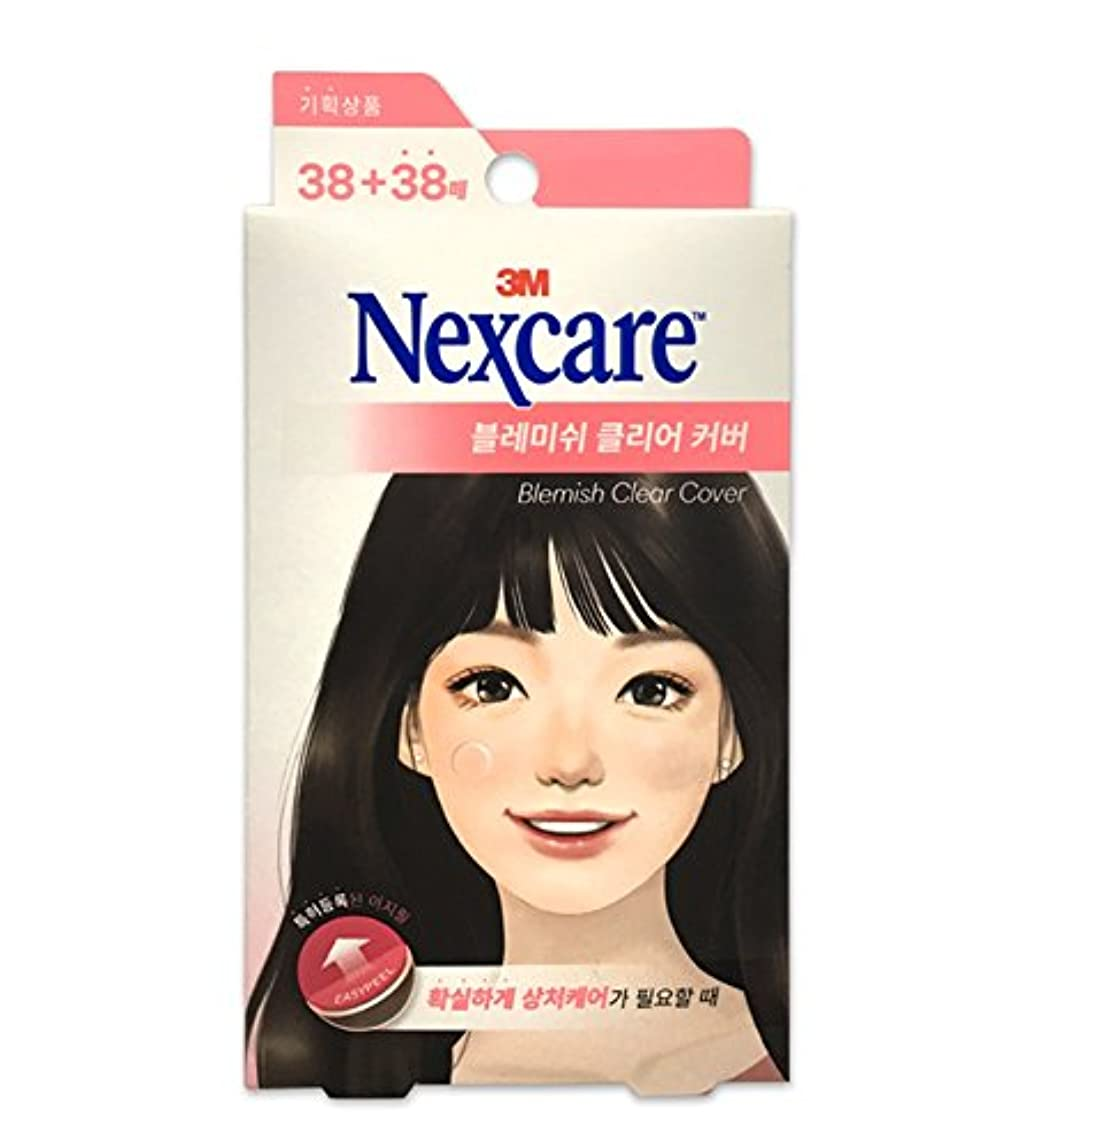 恐れうなり声吸収剤3M Nexcare Blemish Clear Cover Easy Peel 38+38 Patches/3M ネクスケア ブレミッシュ クリア カバー イージー ピール 38+38パッチ入り [並行輸入品]